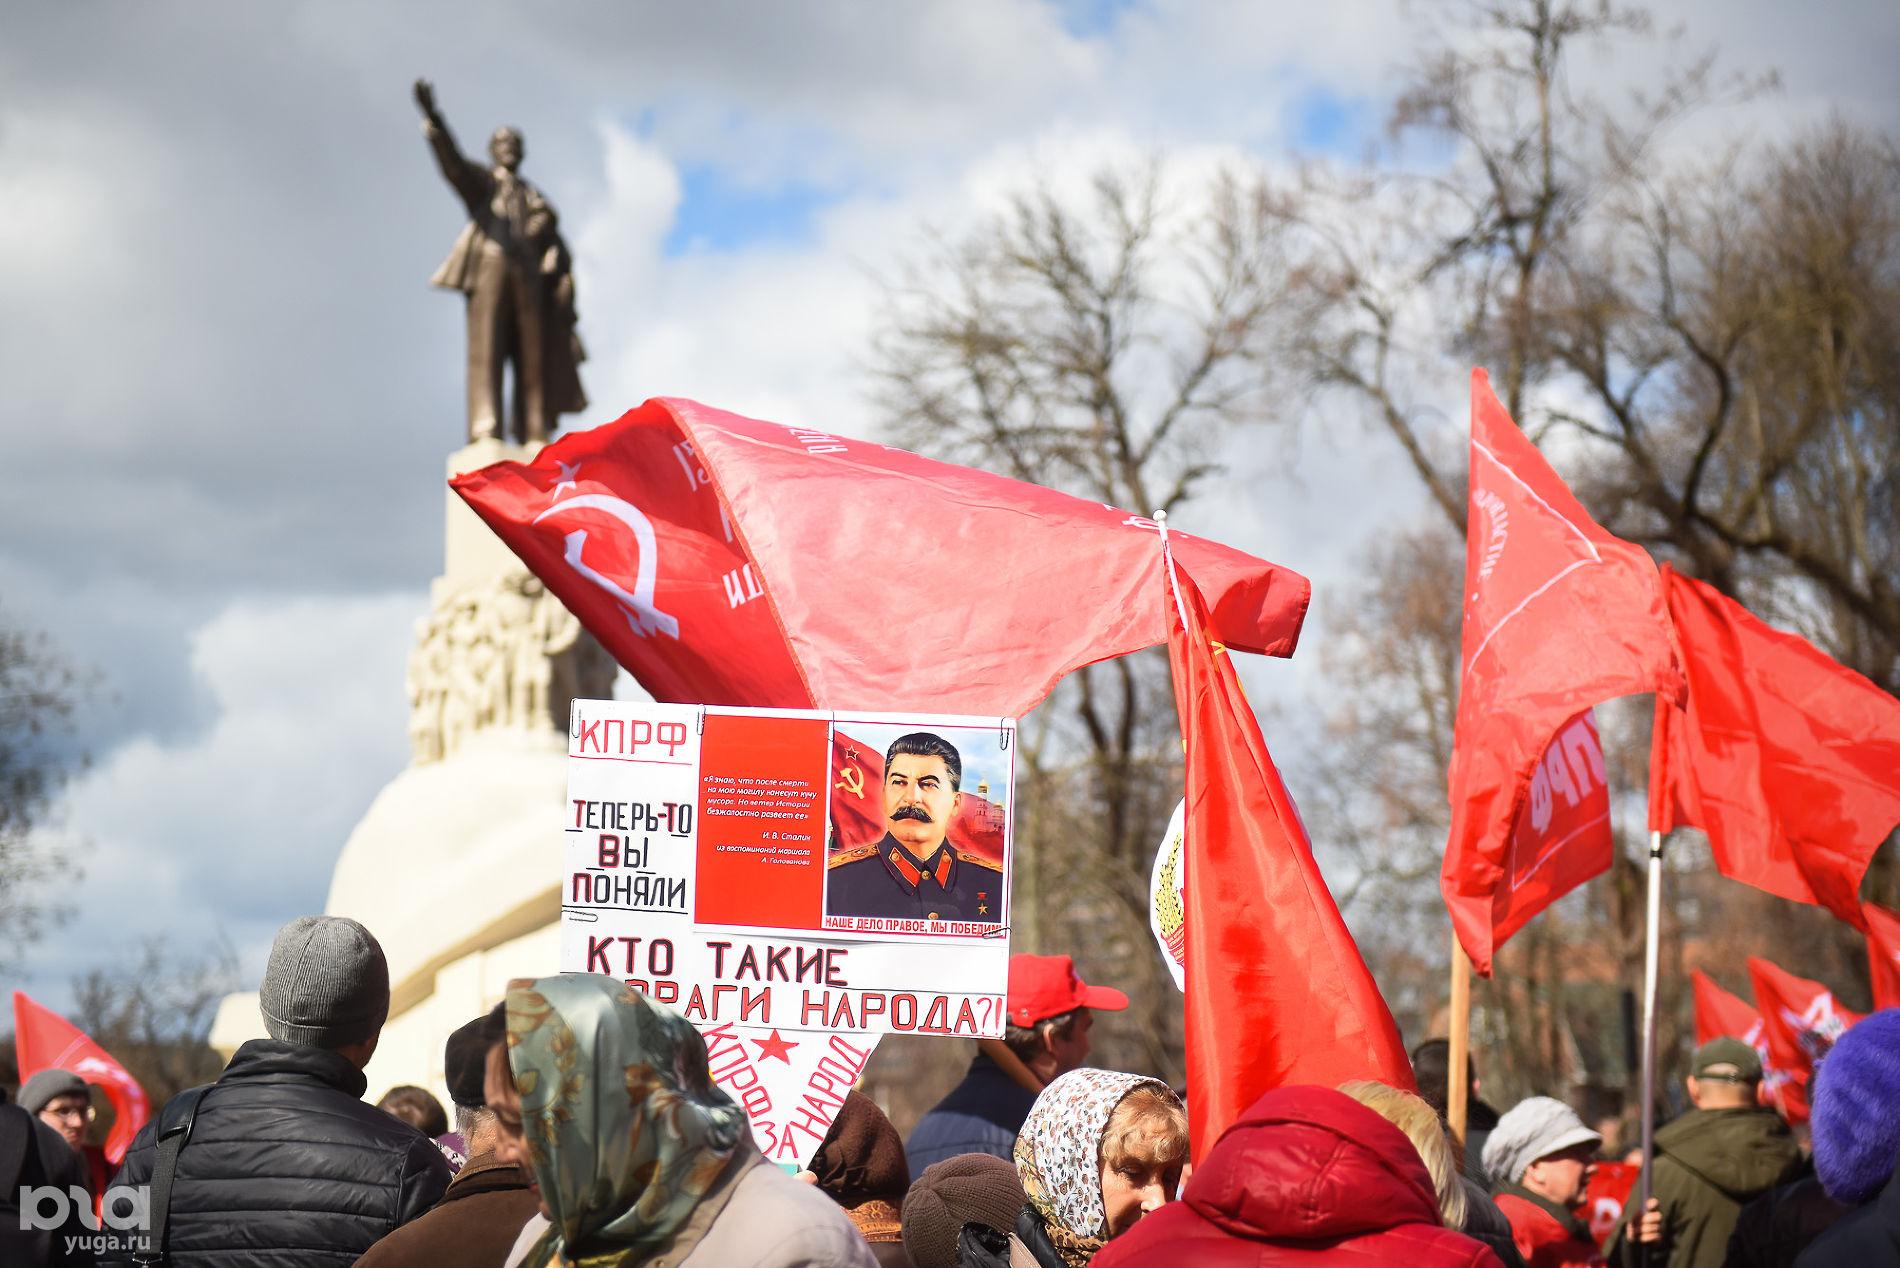 Митинг в Вишняковском сквере  Краснодара ©Фото Елены Синеок, Юга.ру